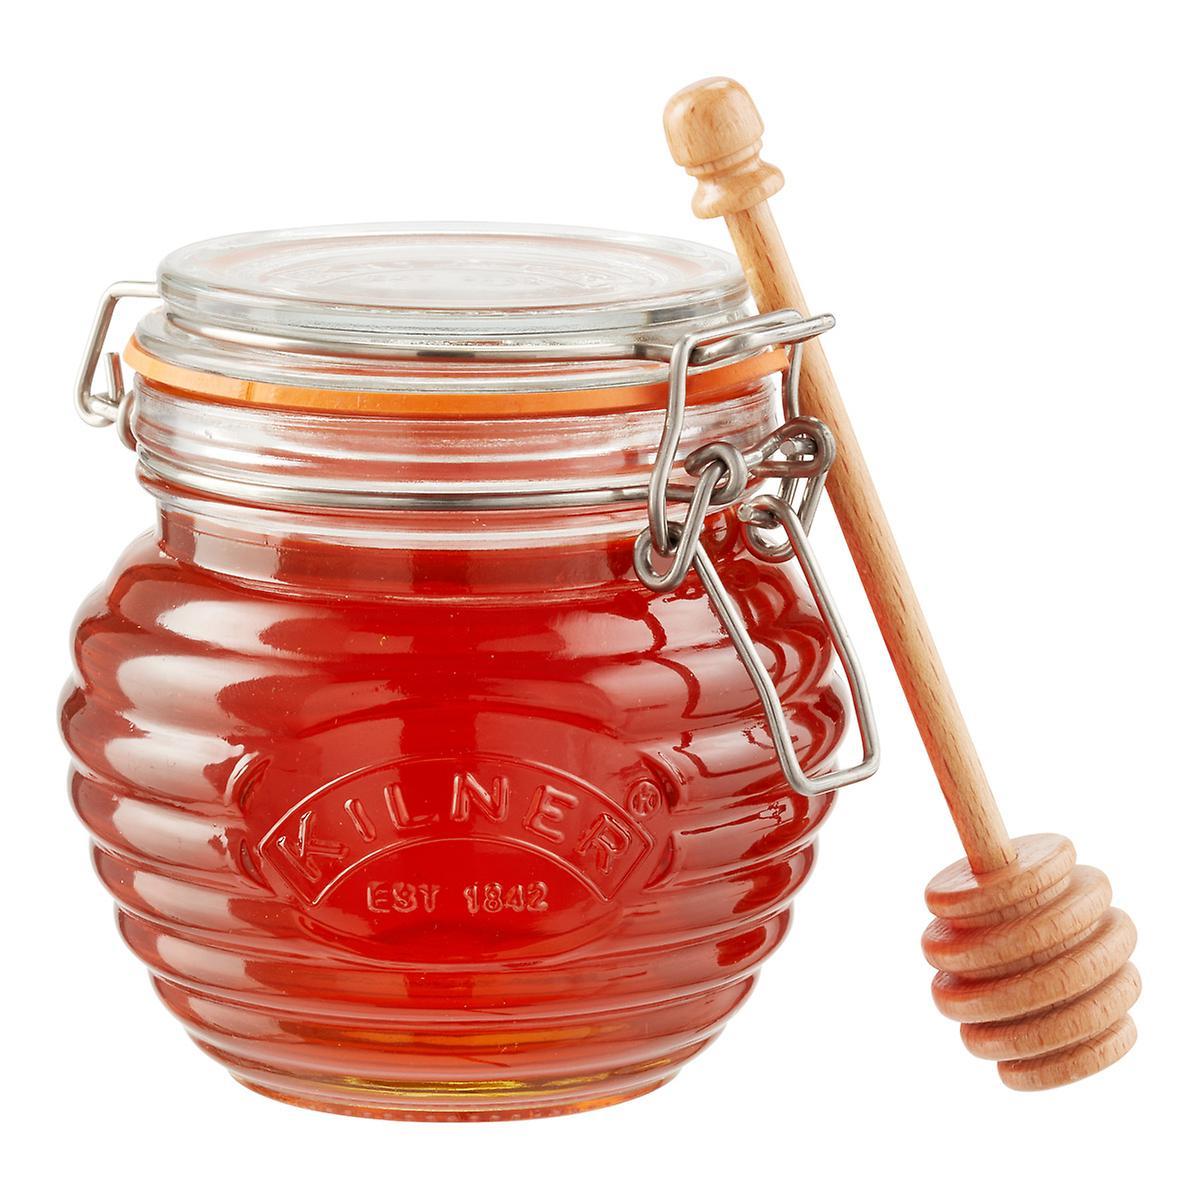 KILNER | dávkovač medu, dřevěná lžička, objem 0,35 litru